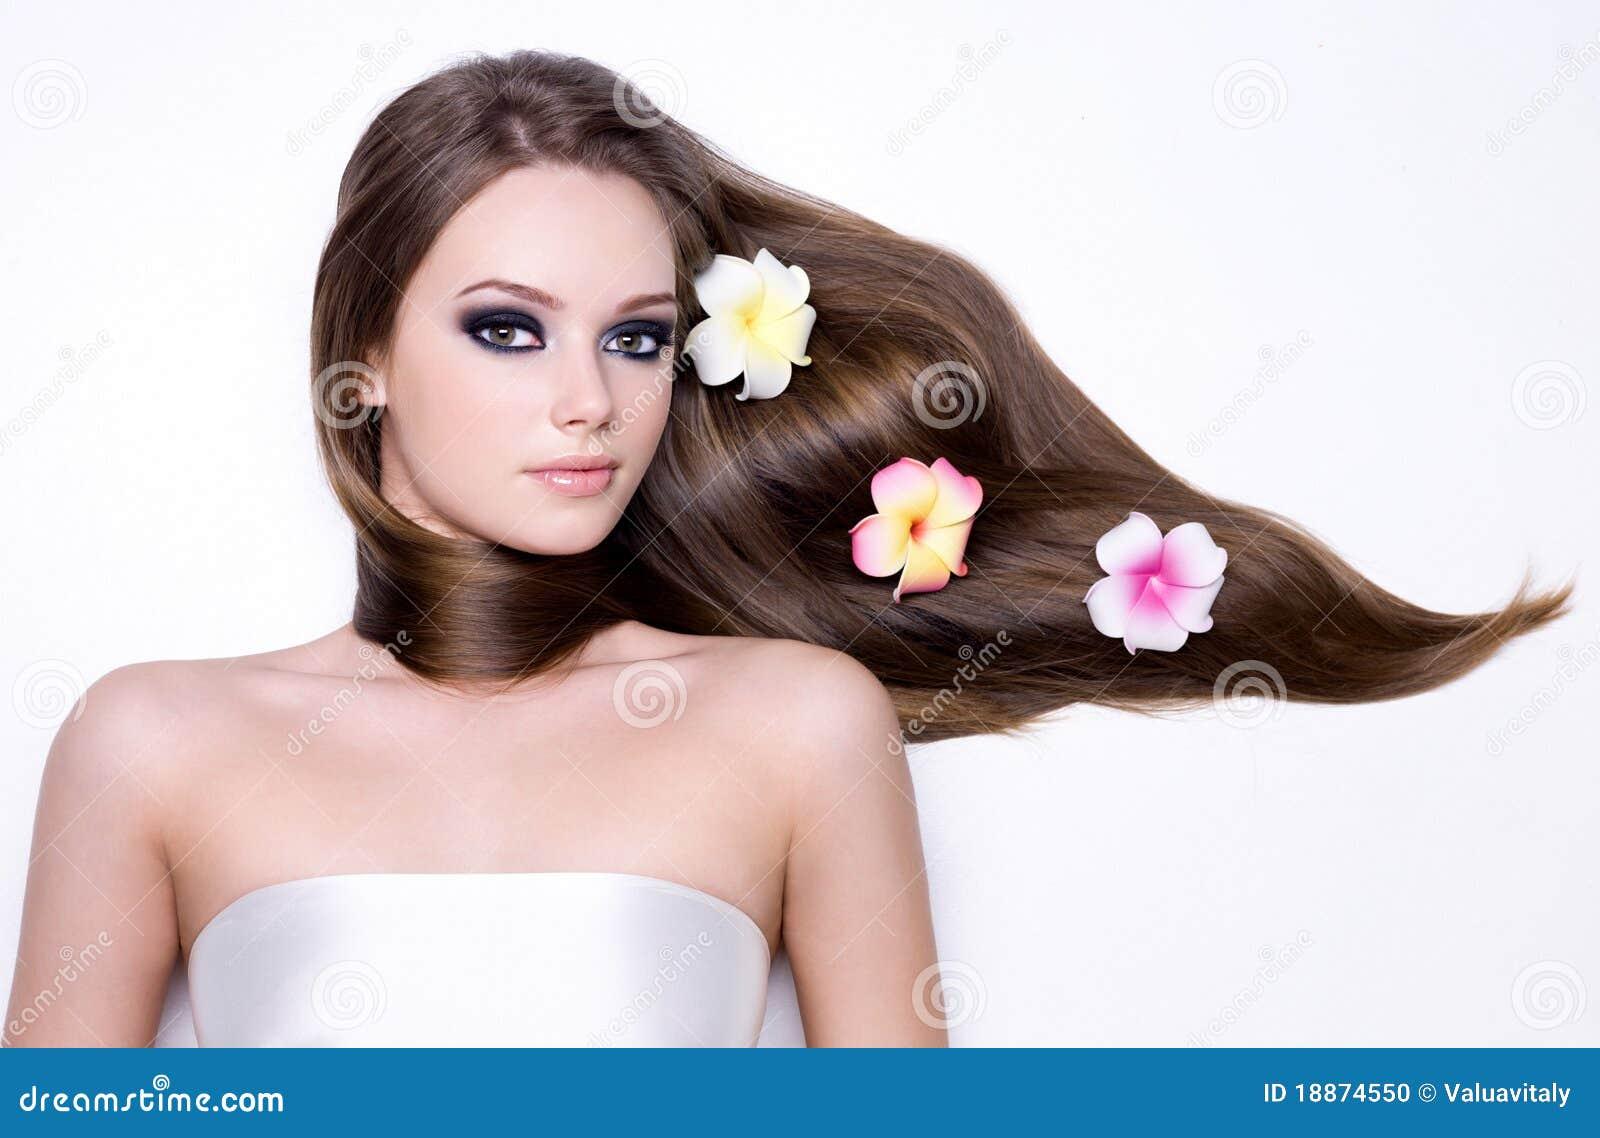 Как сделать волосы густыми. 10 простых советов 72